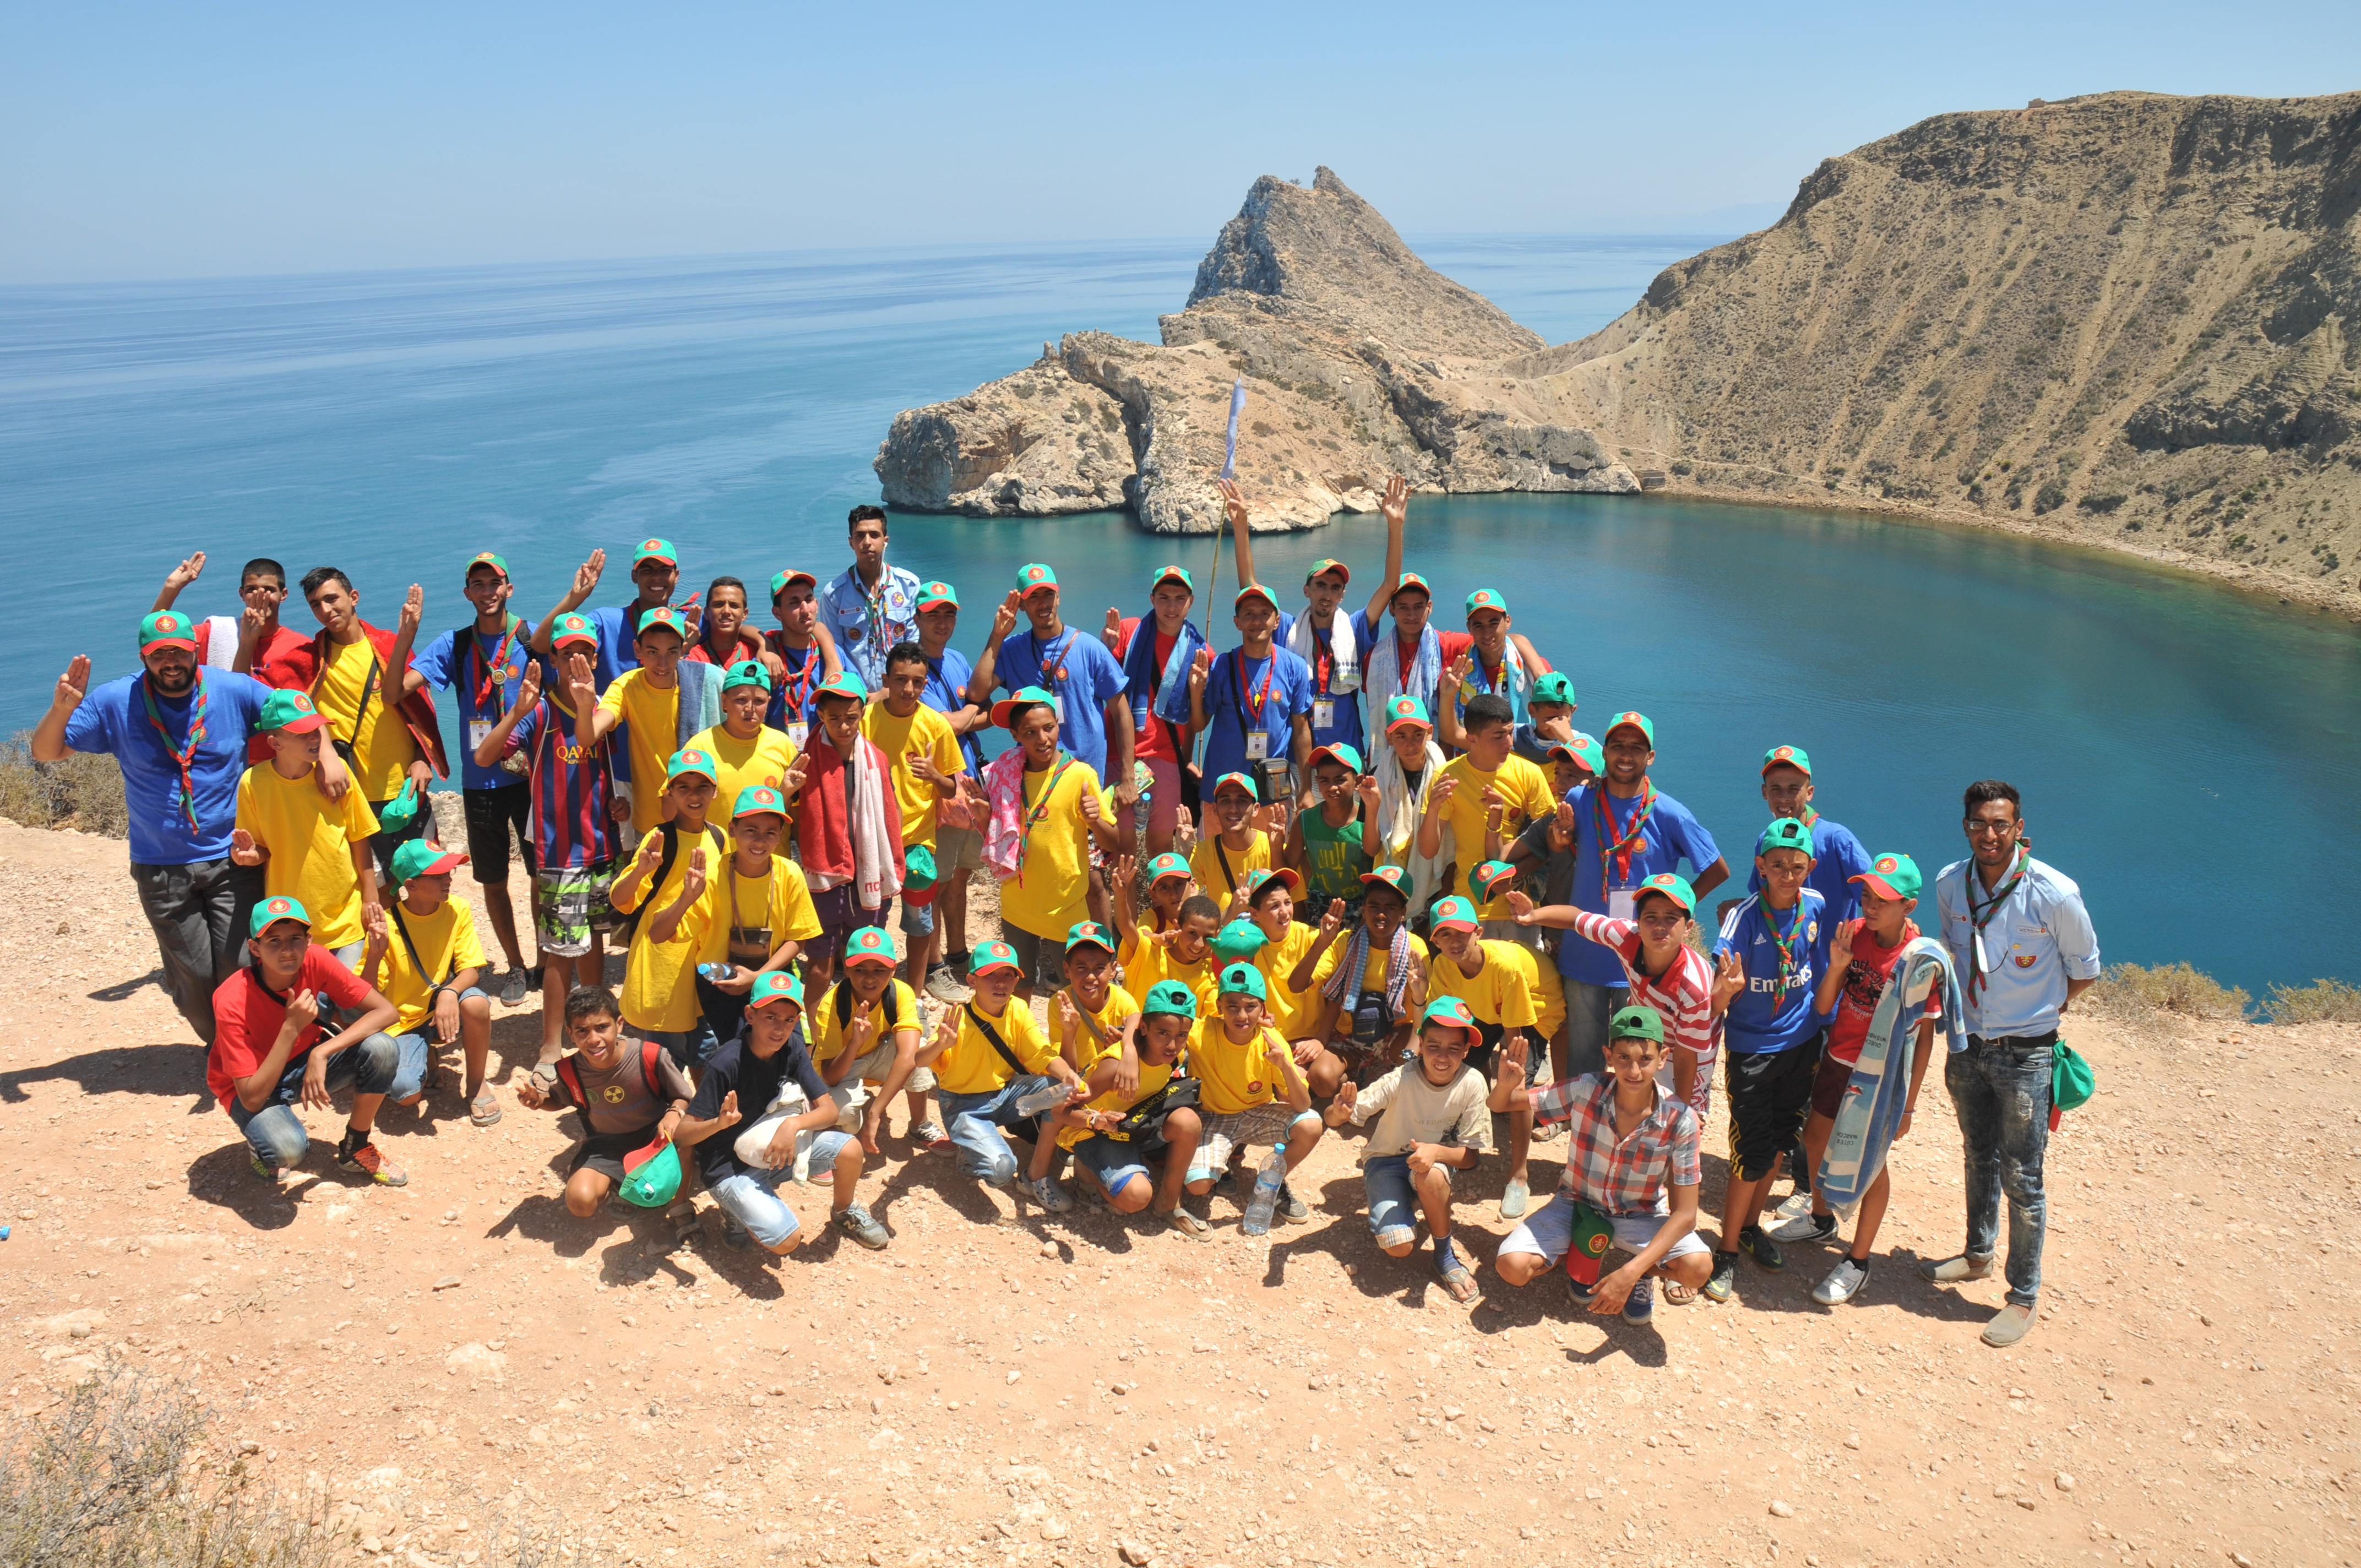 إطلاق الدورة التاسعة من برنامج المخيمات الصيفيــة لفائدة الأطفال المغاربة المقيمين بالخارج